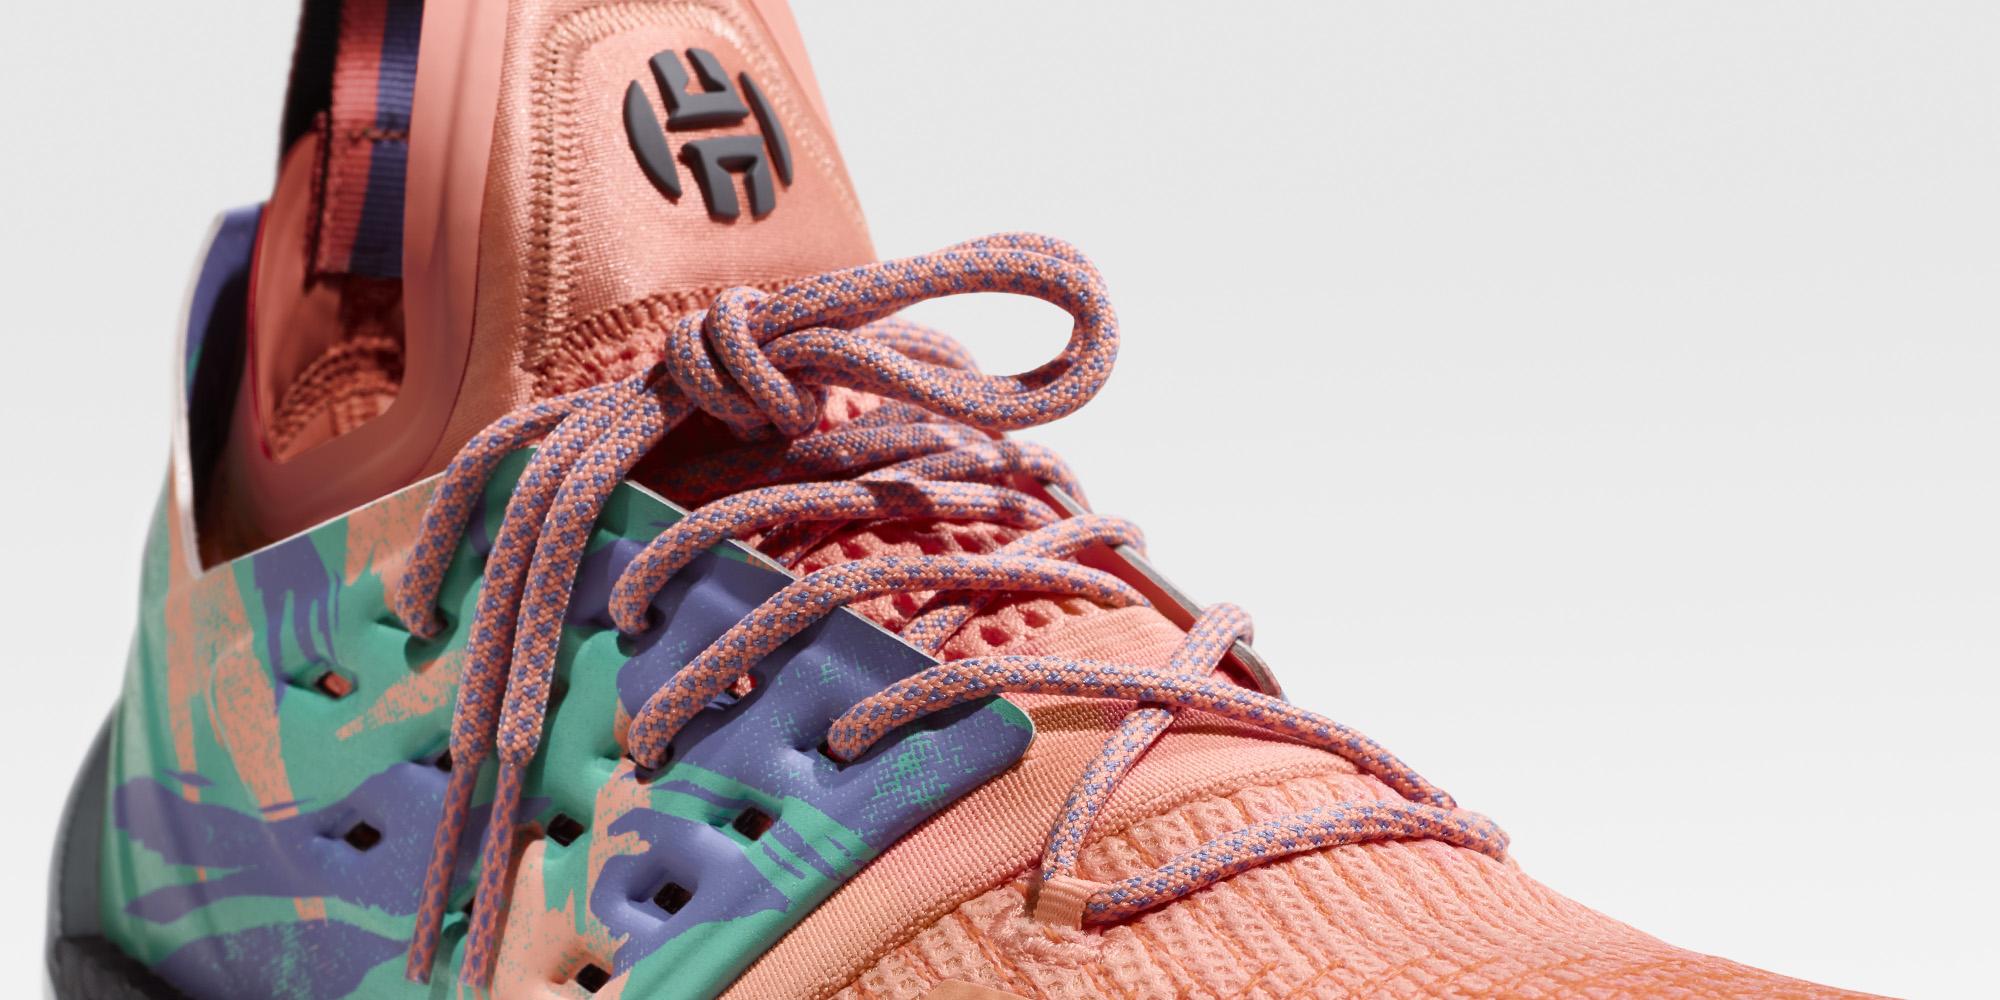 Adidas Herde Vol 2 Footlocker obzqp